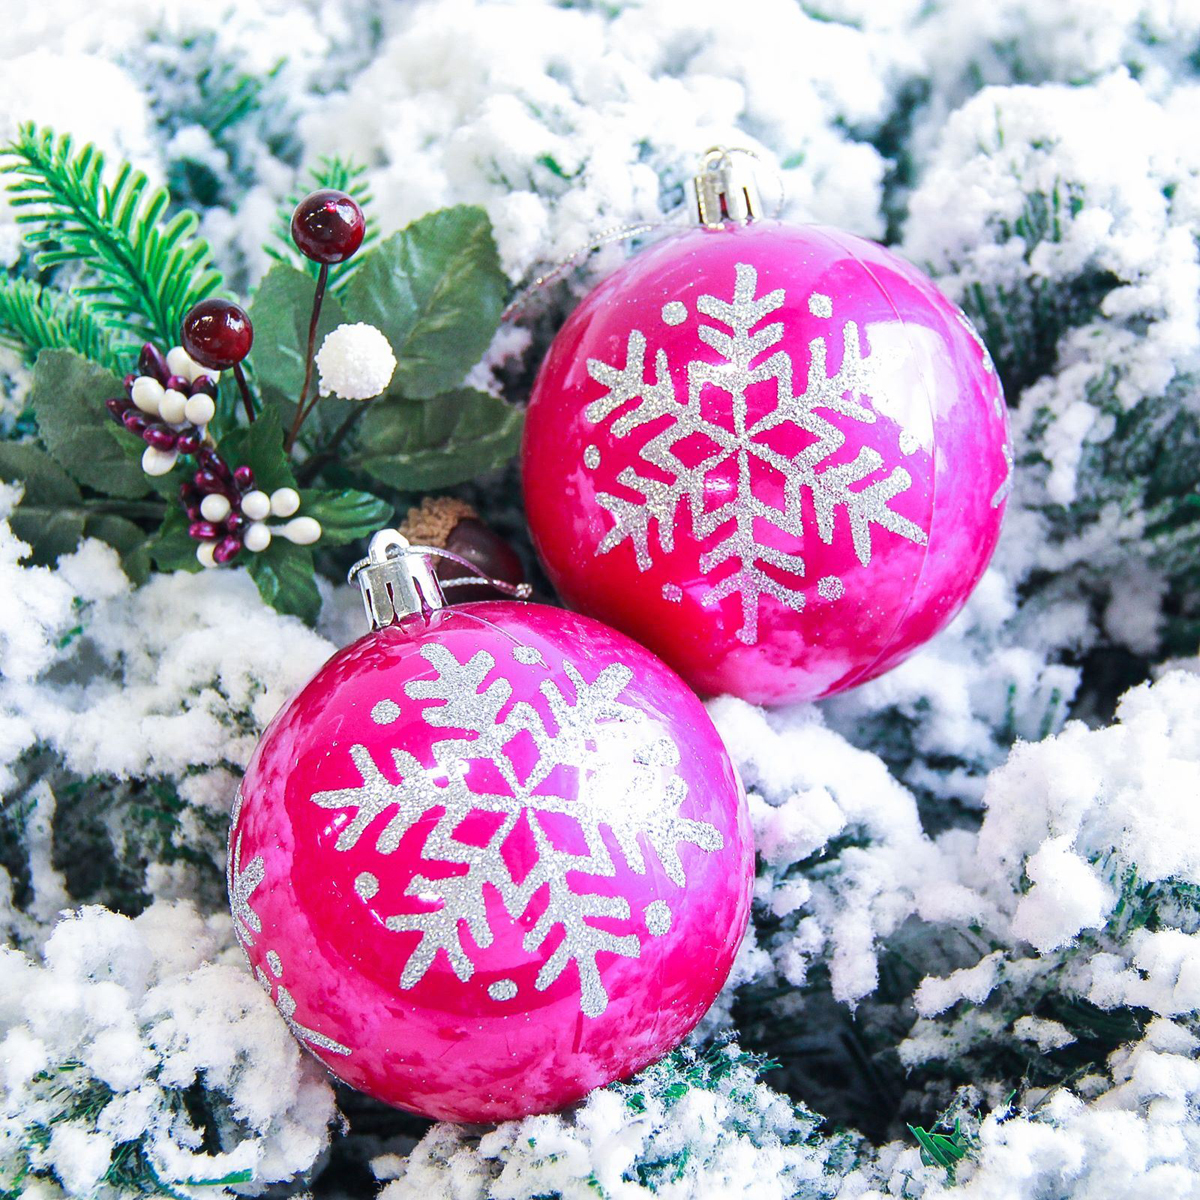 Набор новогодних подвесных украшений Sima-land Снежинка. Капель, цвет: розовый, диаметр 8 см, 6 шт2178197Набор новогодних подвесных украшений Sima-land отлично подойдет для декорации вашего дома и новогодней ели. С помощью специальной петельки украшение можно повесить в любом понравившемся вам месте. Но, конечно, удачнее всего оно будет смотреться на праздничной елке. Елочная игрушка - символ Нового года. Она несет в себе волшебство и красоту праздника. Создайте в своем доме атмосферу веселья и радости, украшая новогоднюю елку нарядными игрушками, которые будут из года в год накапливать теплоту воспоминаний.